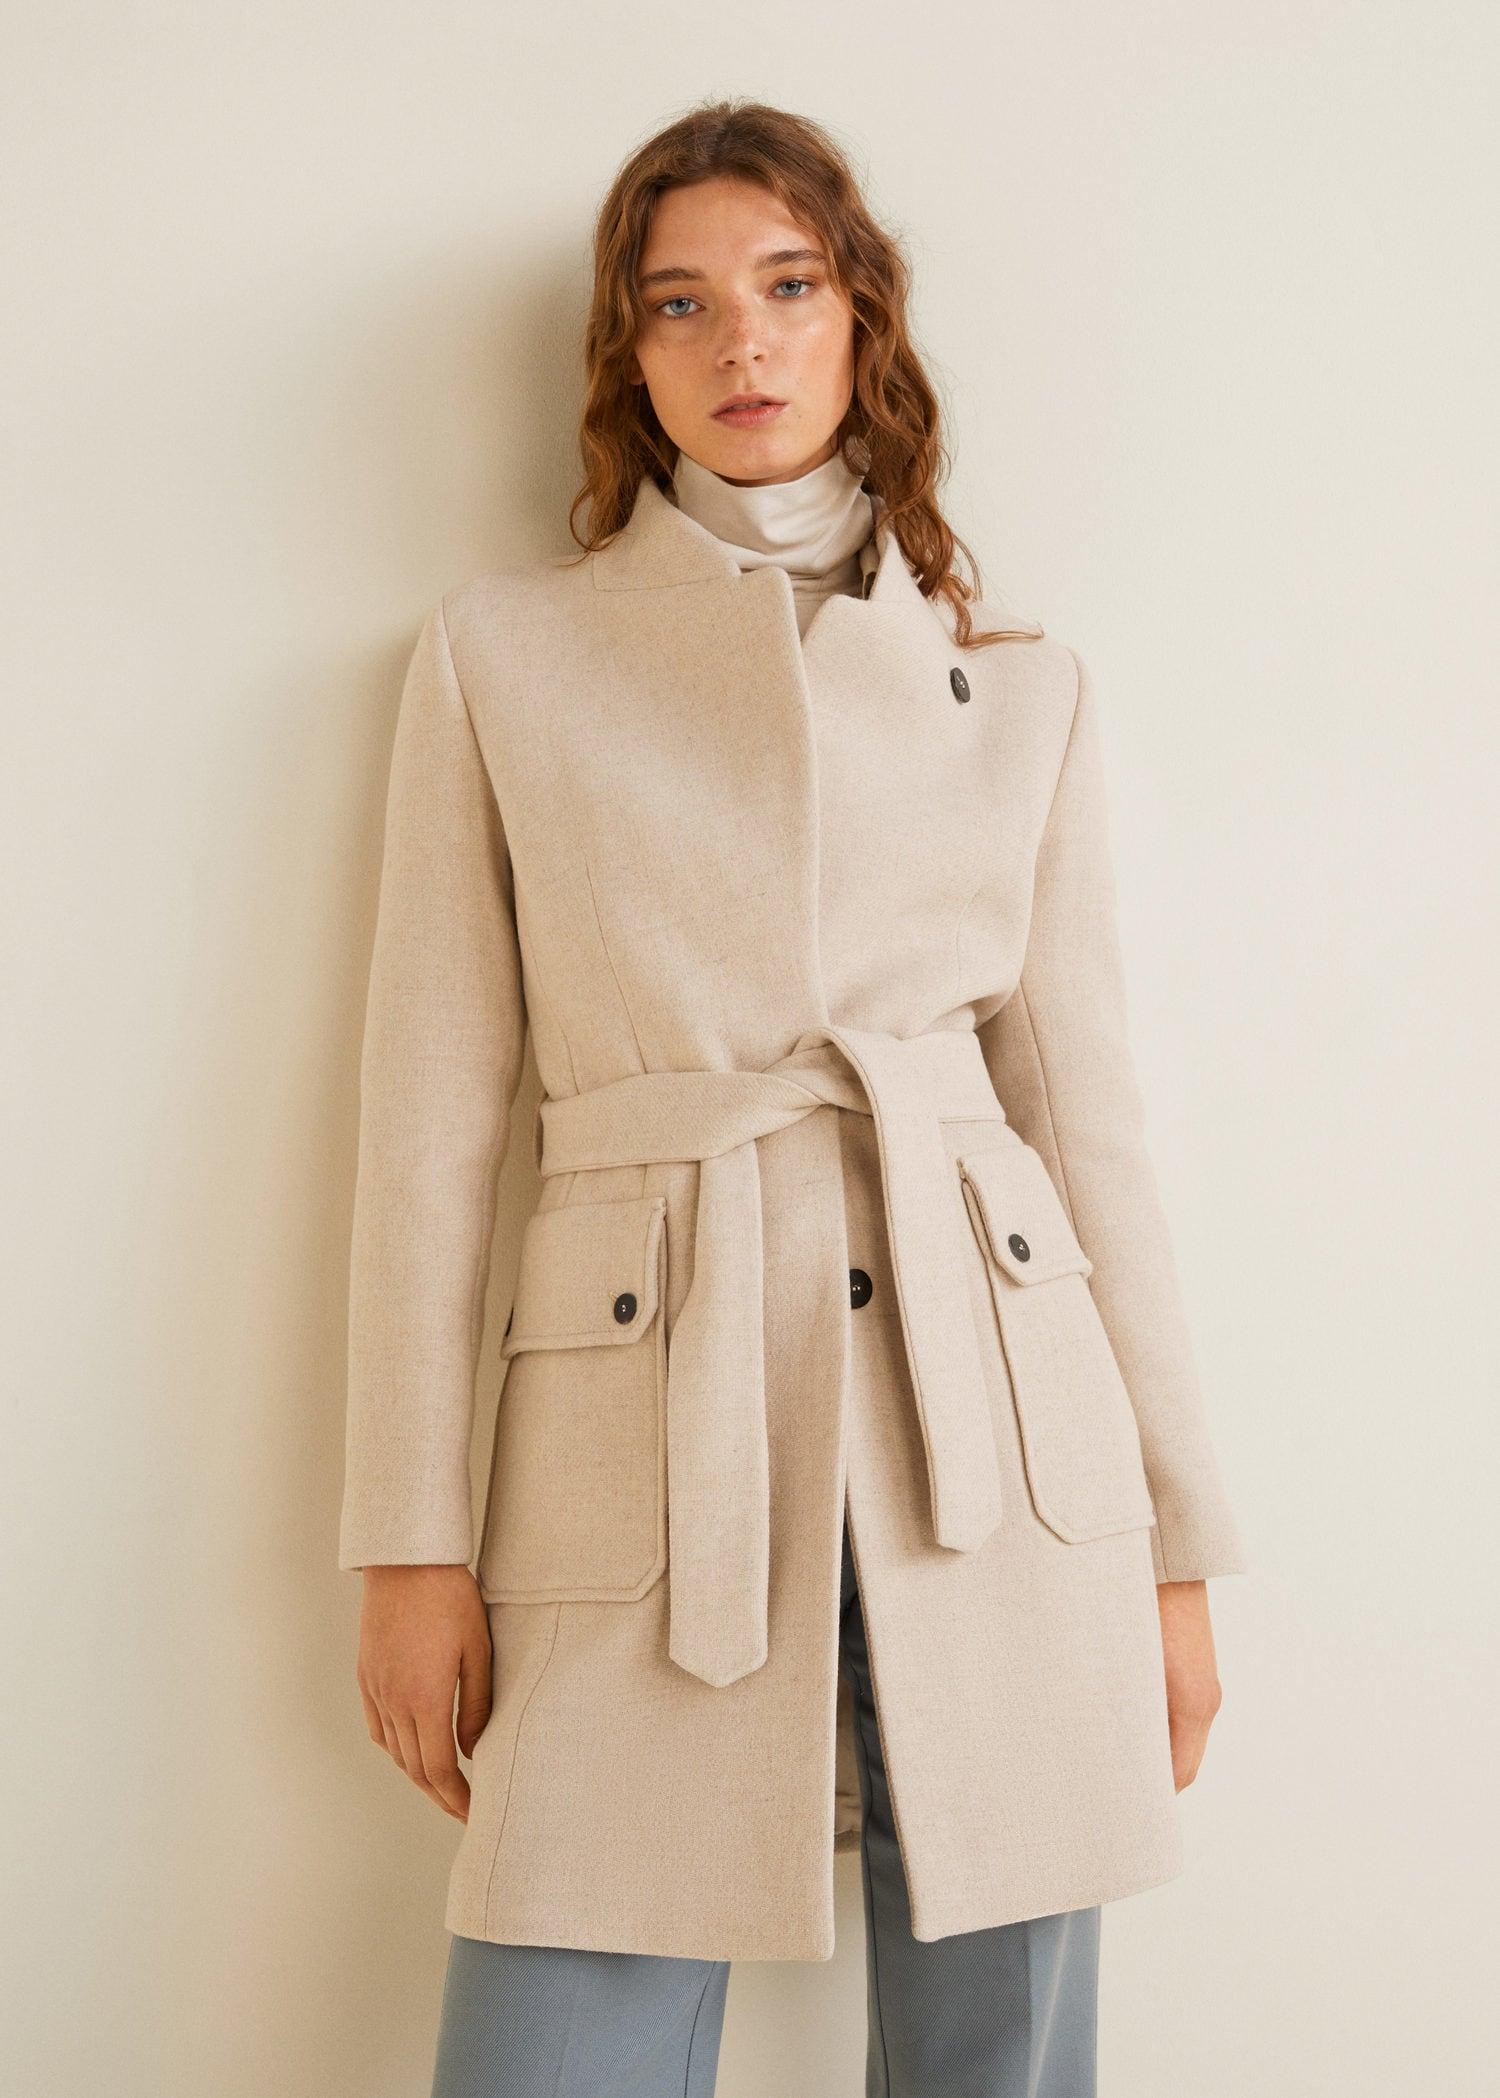 magasin d'usine ff2aa dd7f6 Mango MARTE Manteau en laine avec ceinture - Manteau Femme Mango